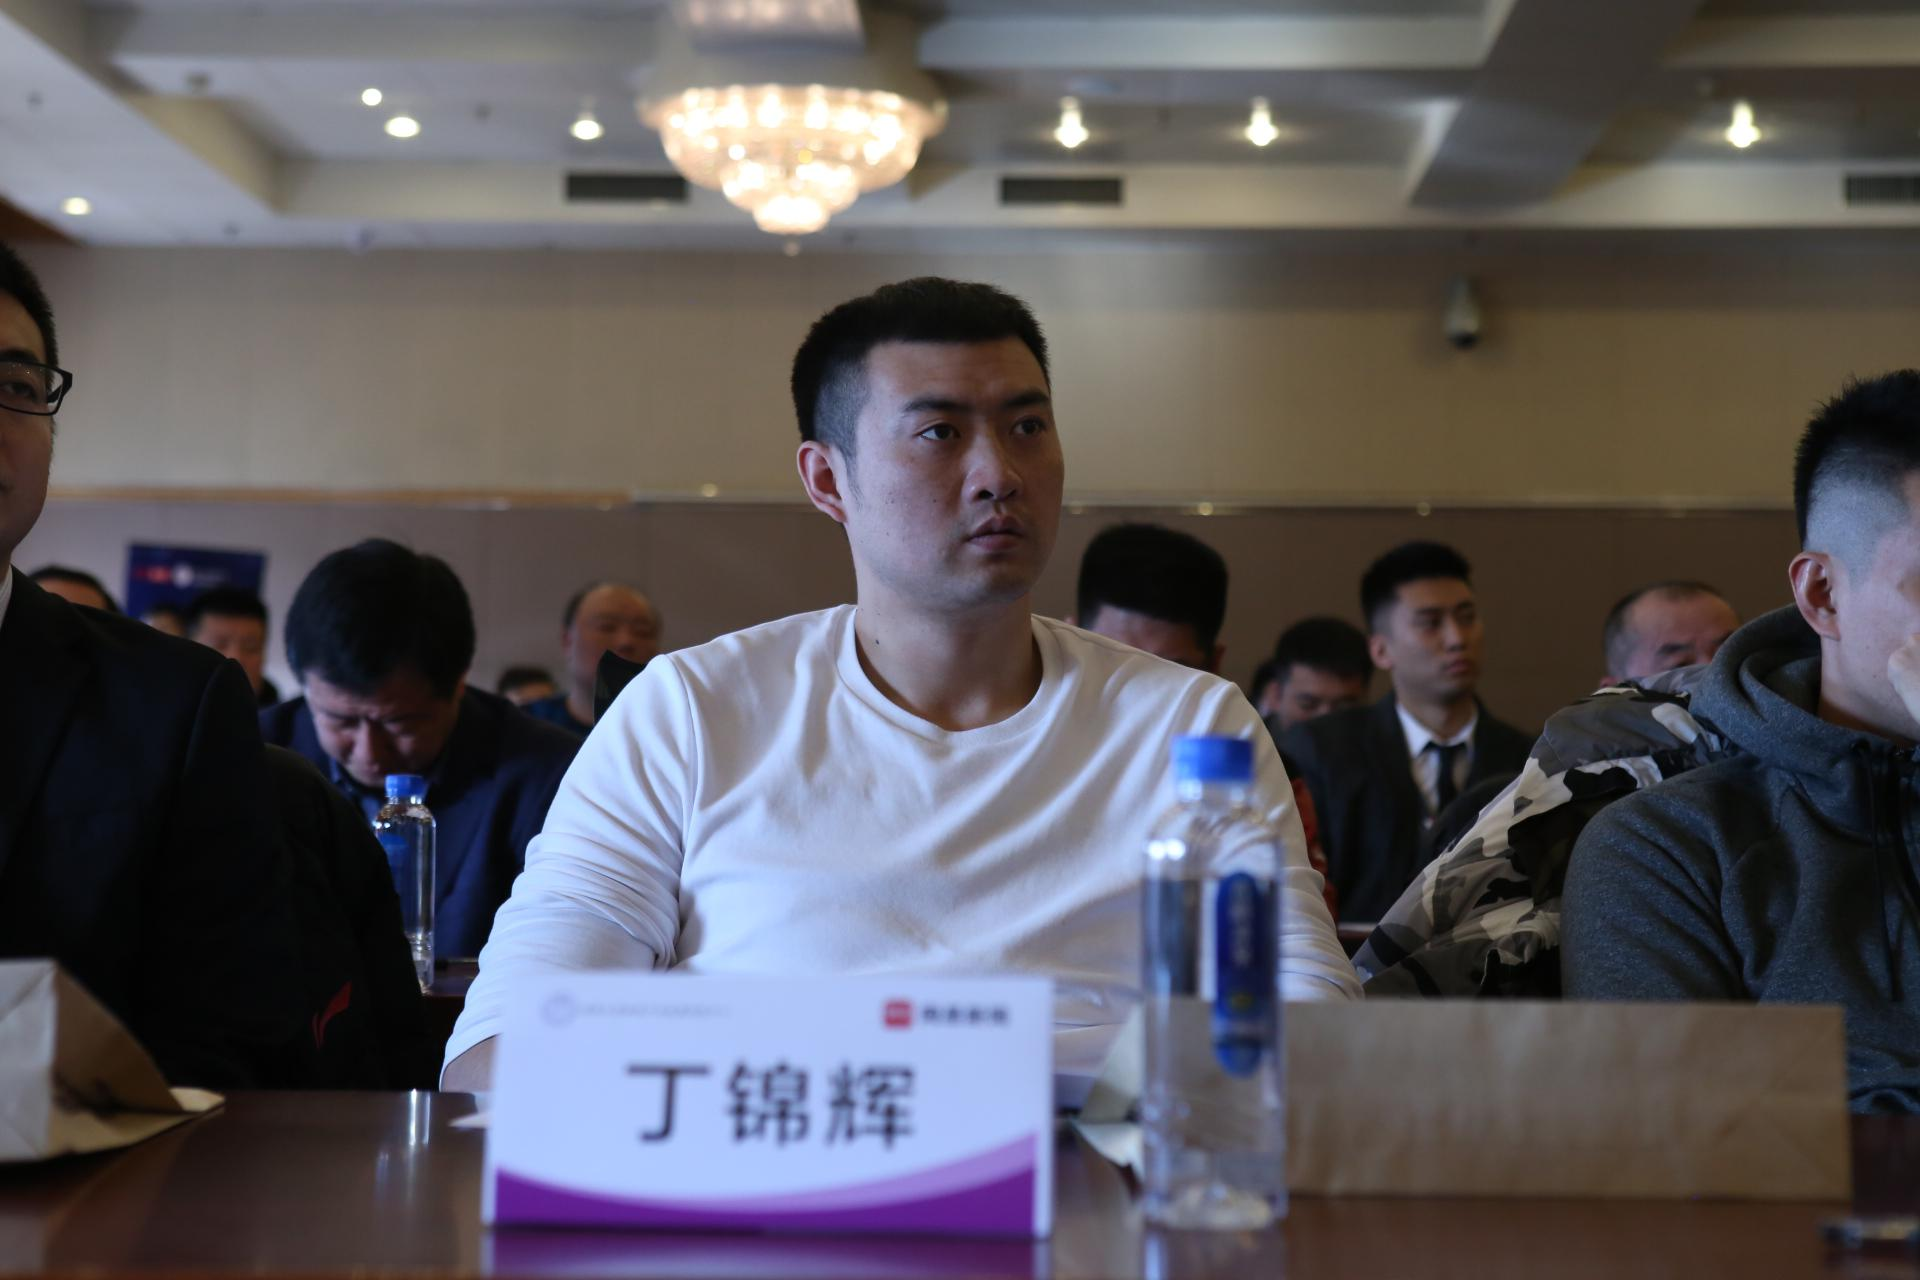 丁锦辉:基本功是青训关键 浙江进步蒋帅功不可没